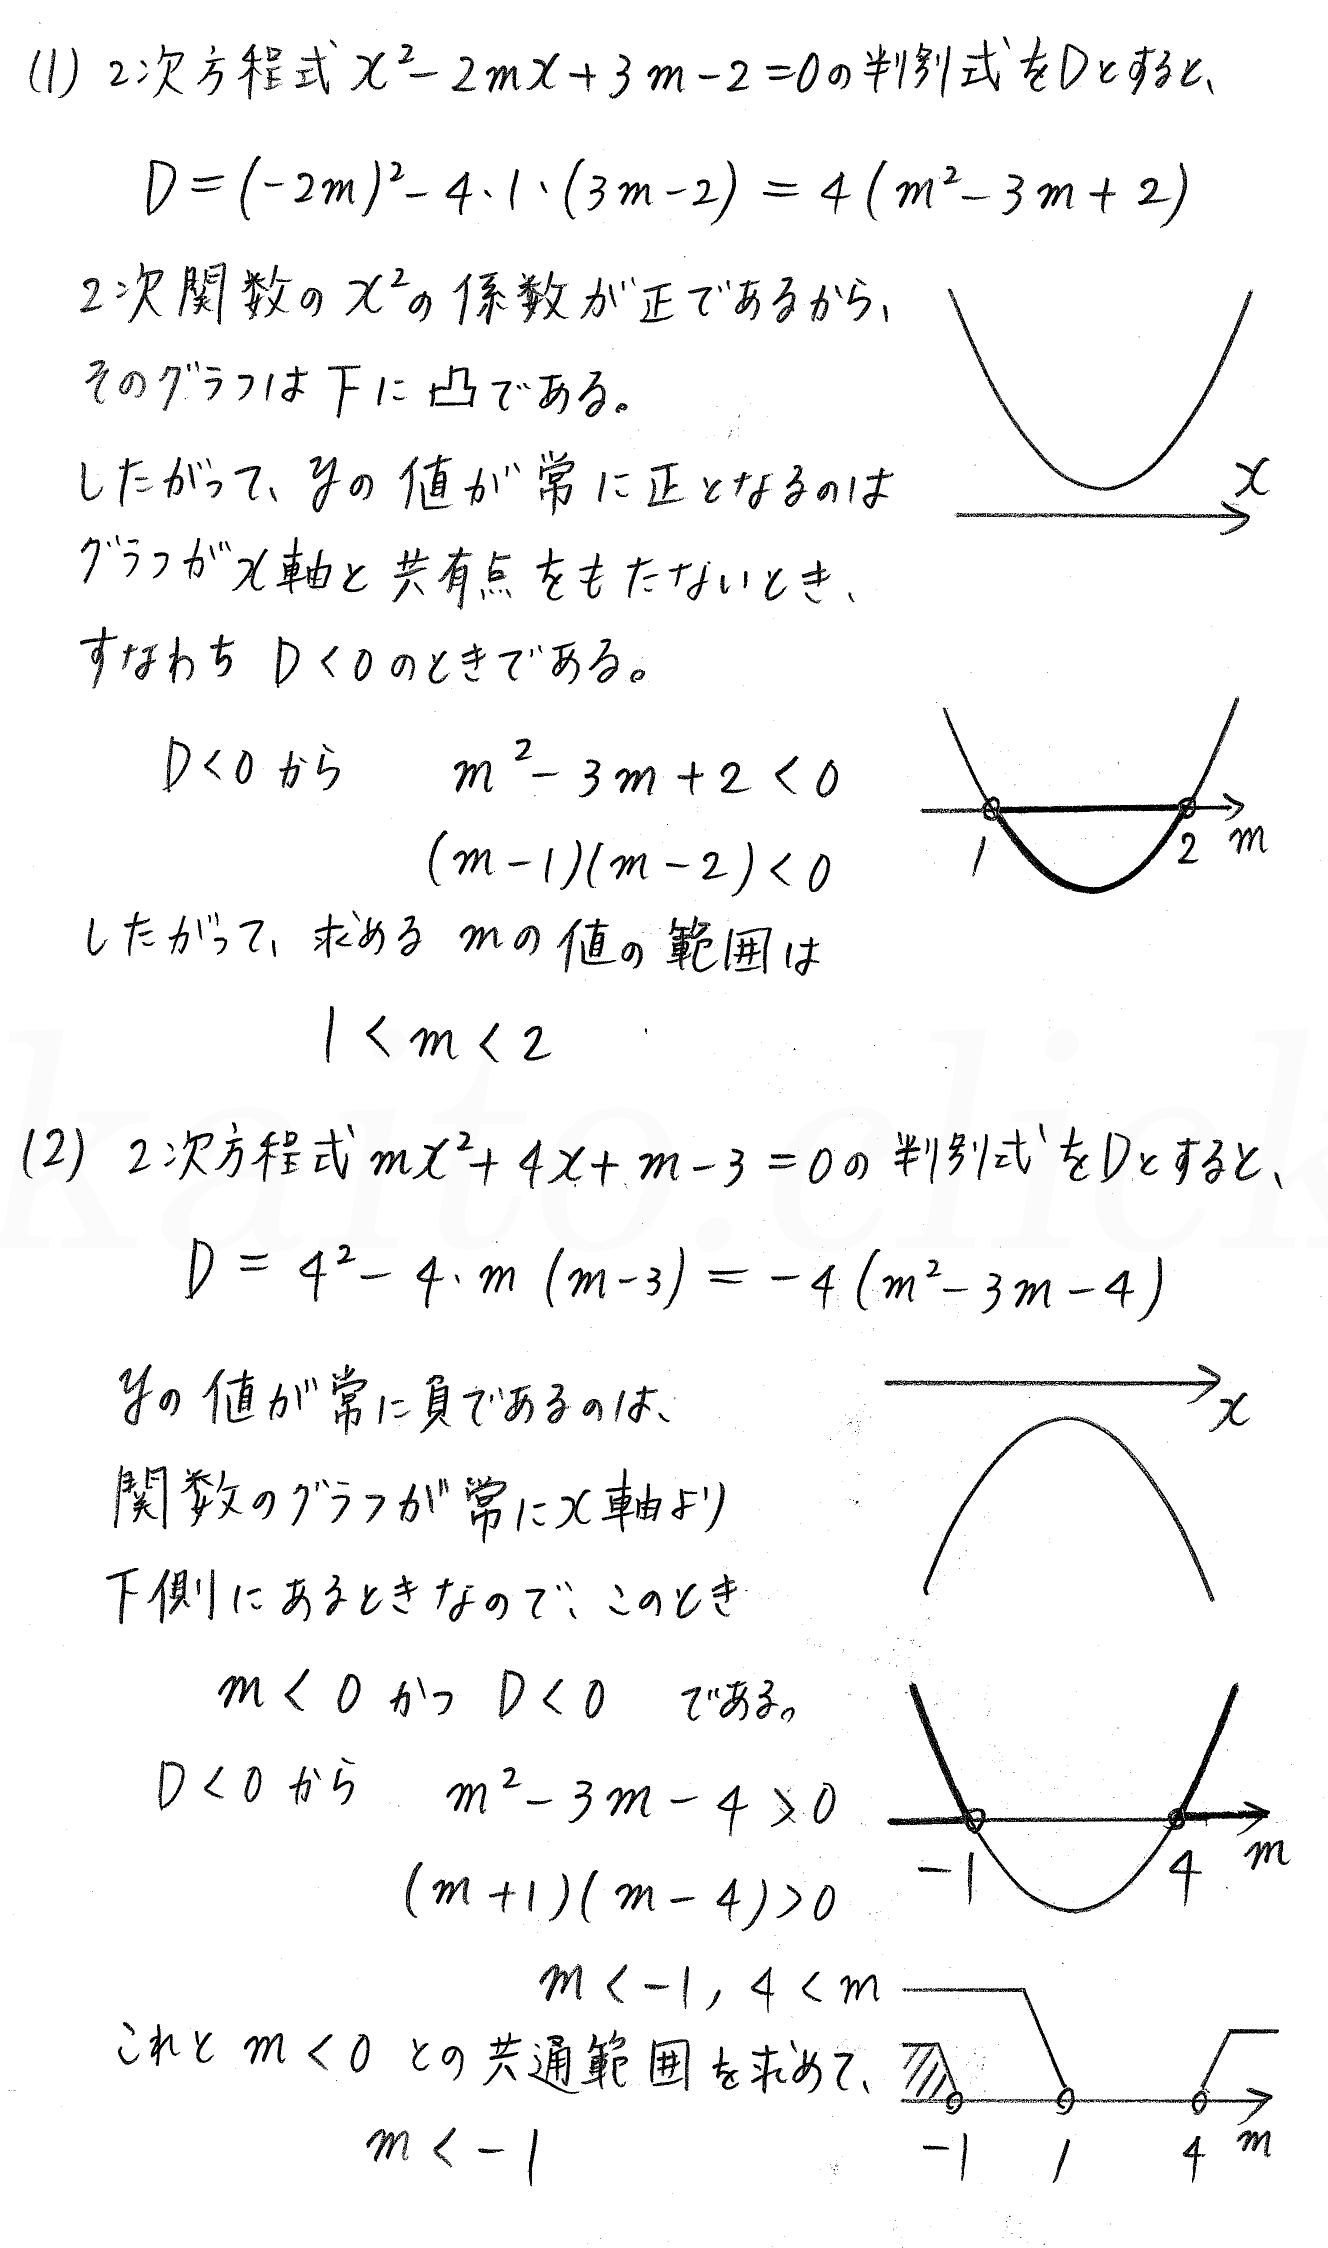 クリアー数学1-239解答